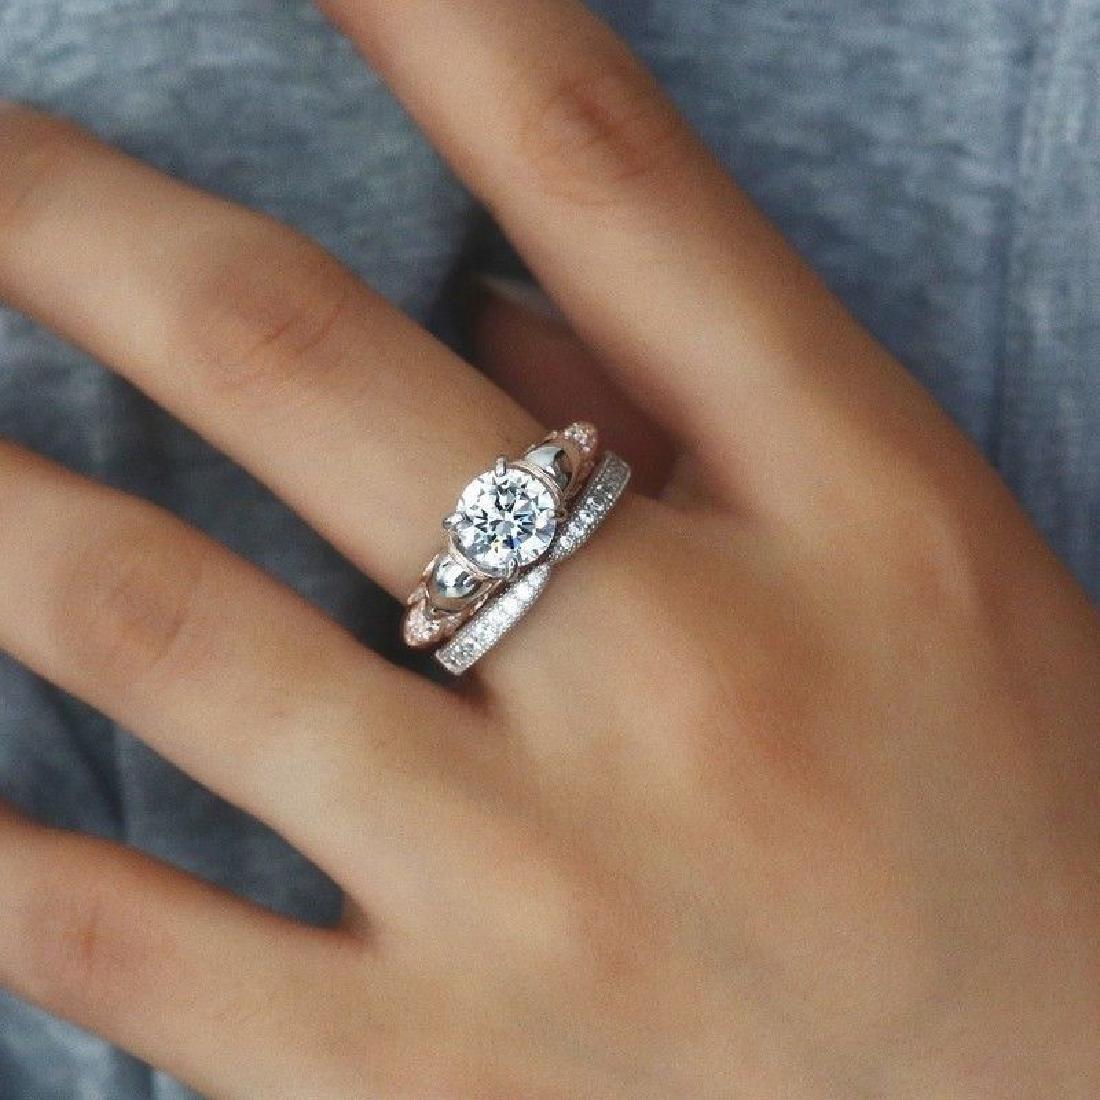 2Pcs/Set 925 Silver Ring 1.6Ct White Topaz Size 10 - 4